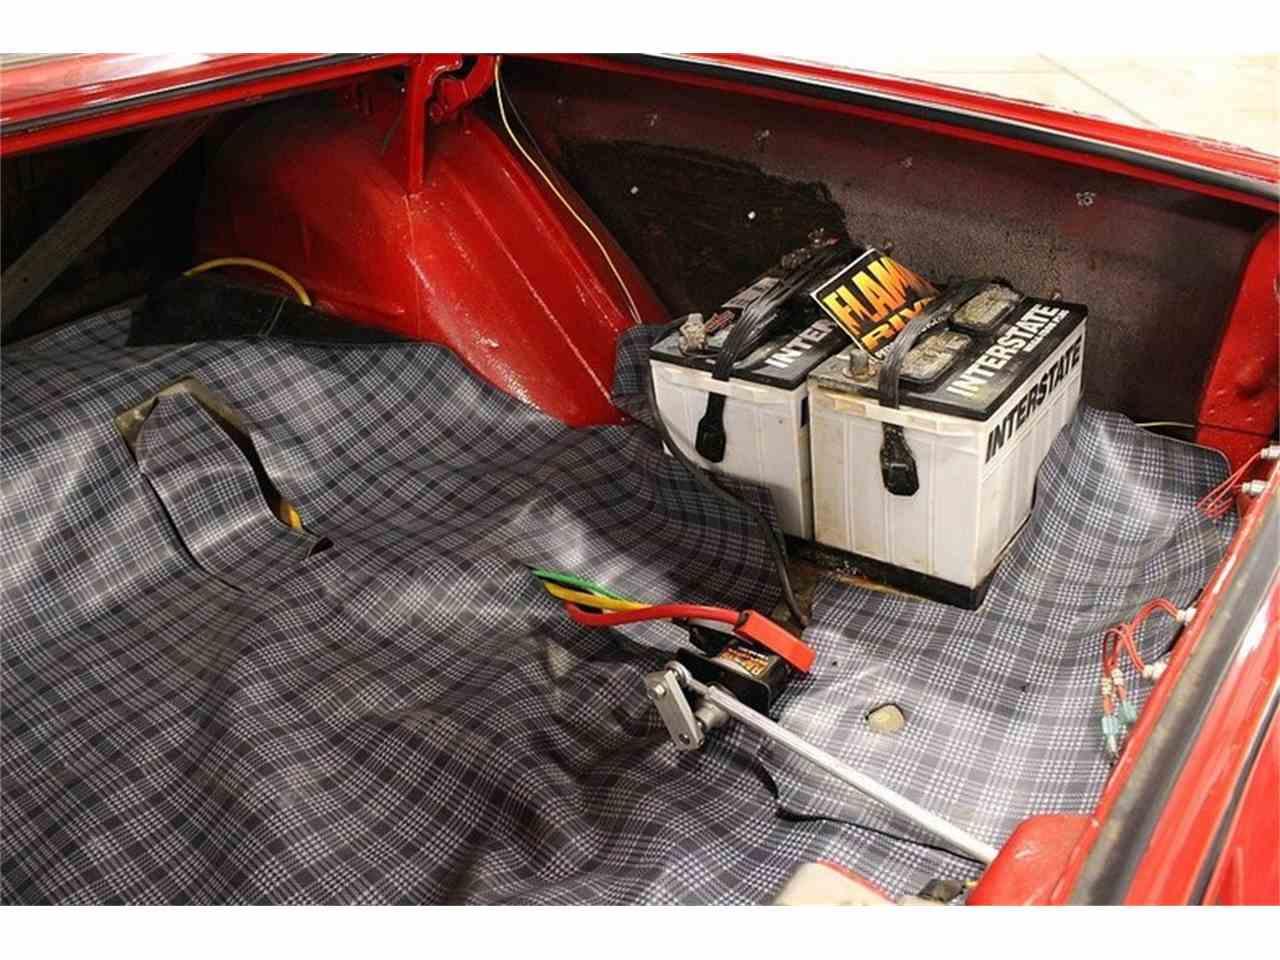 1964 dodge polara wiring diagram on 1964 dodge polara wiring diagram 1964 chevy malibu wiring diagram 1964 Dodge Polara Rear Suspension 1964 Polara White